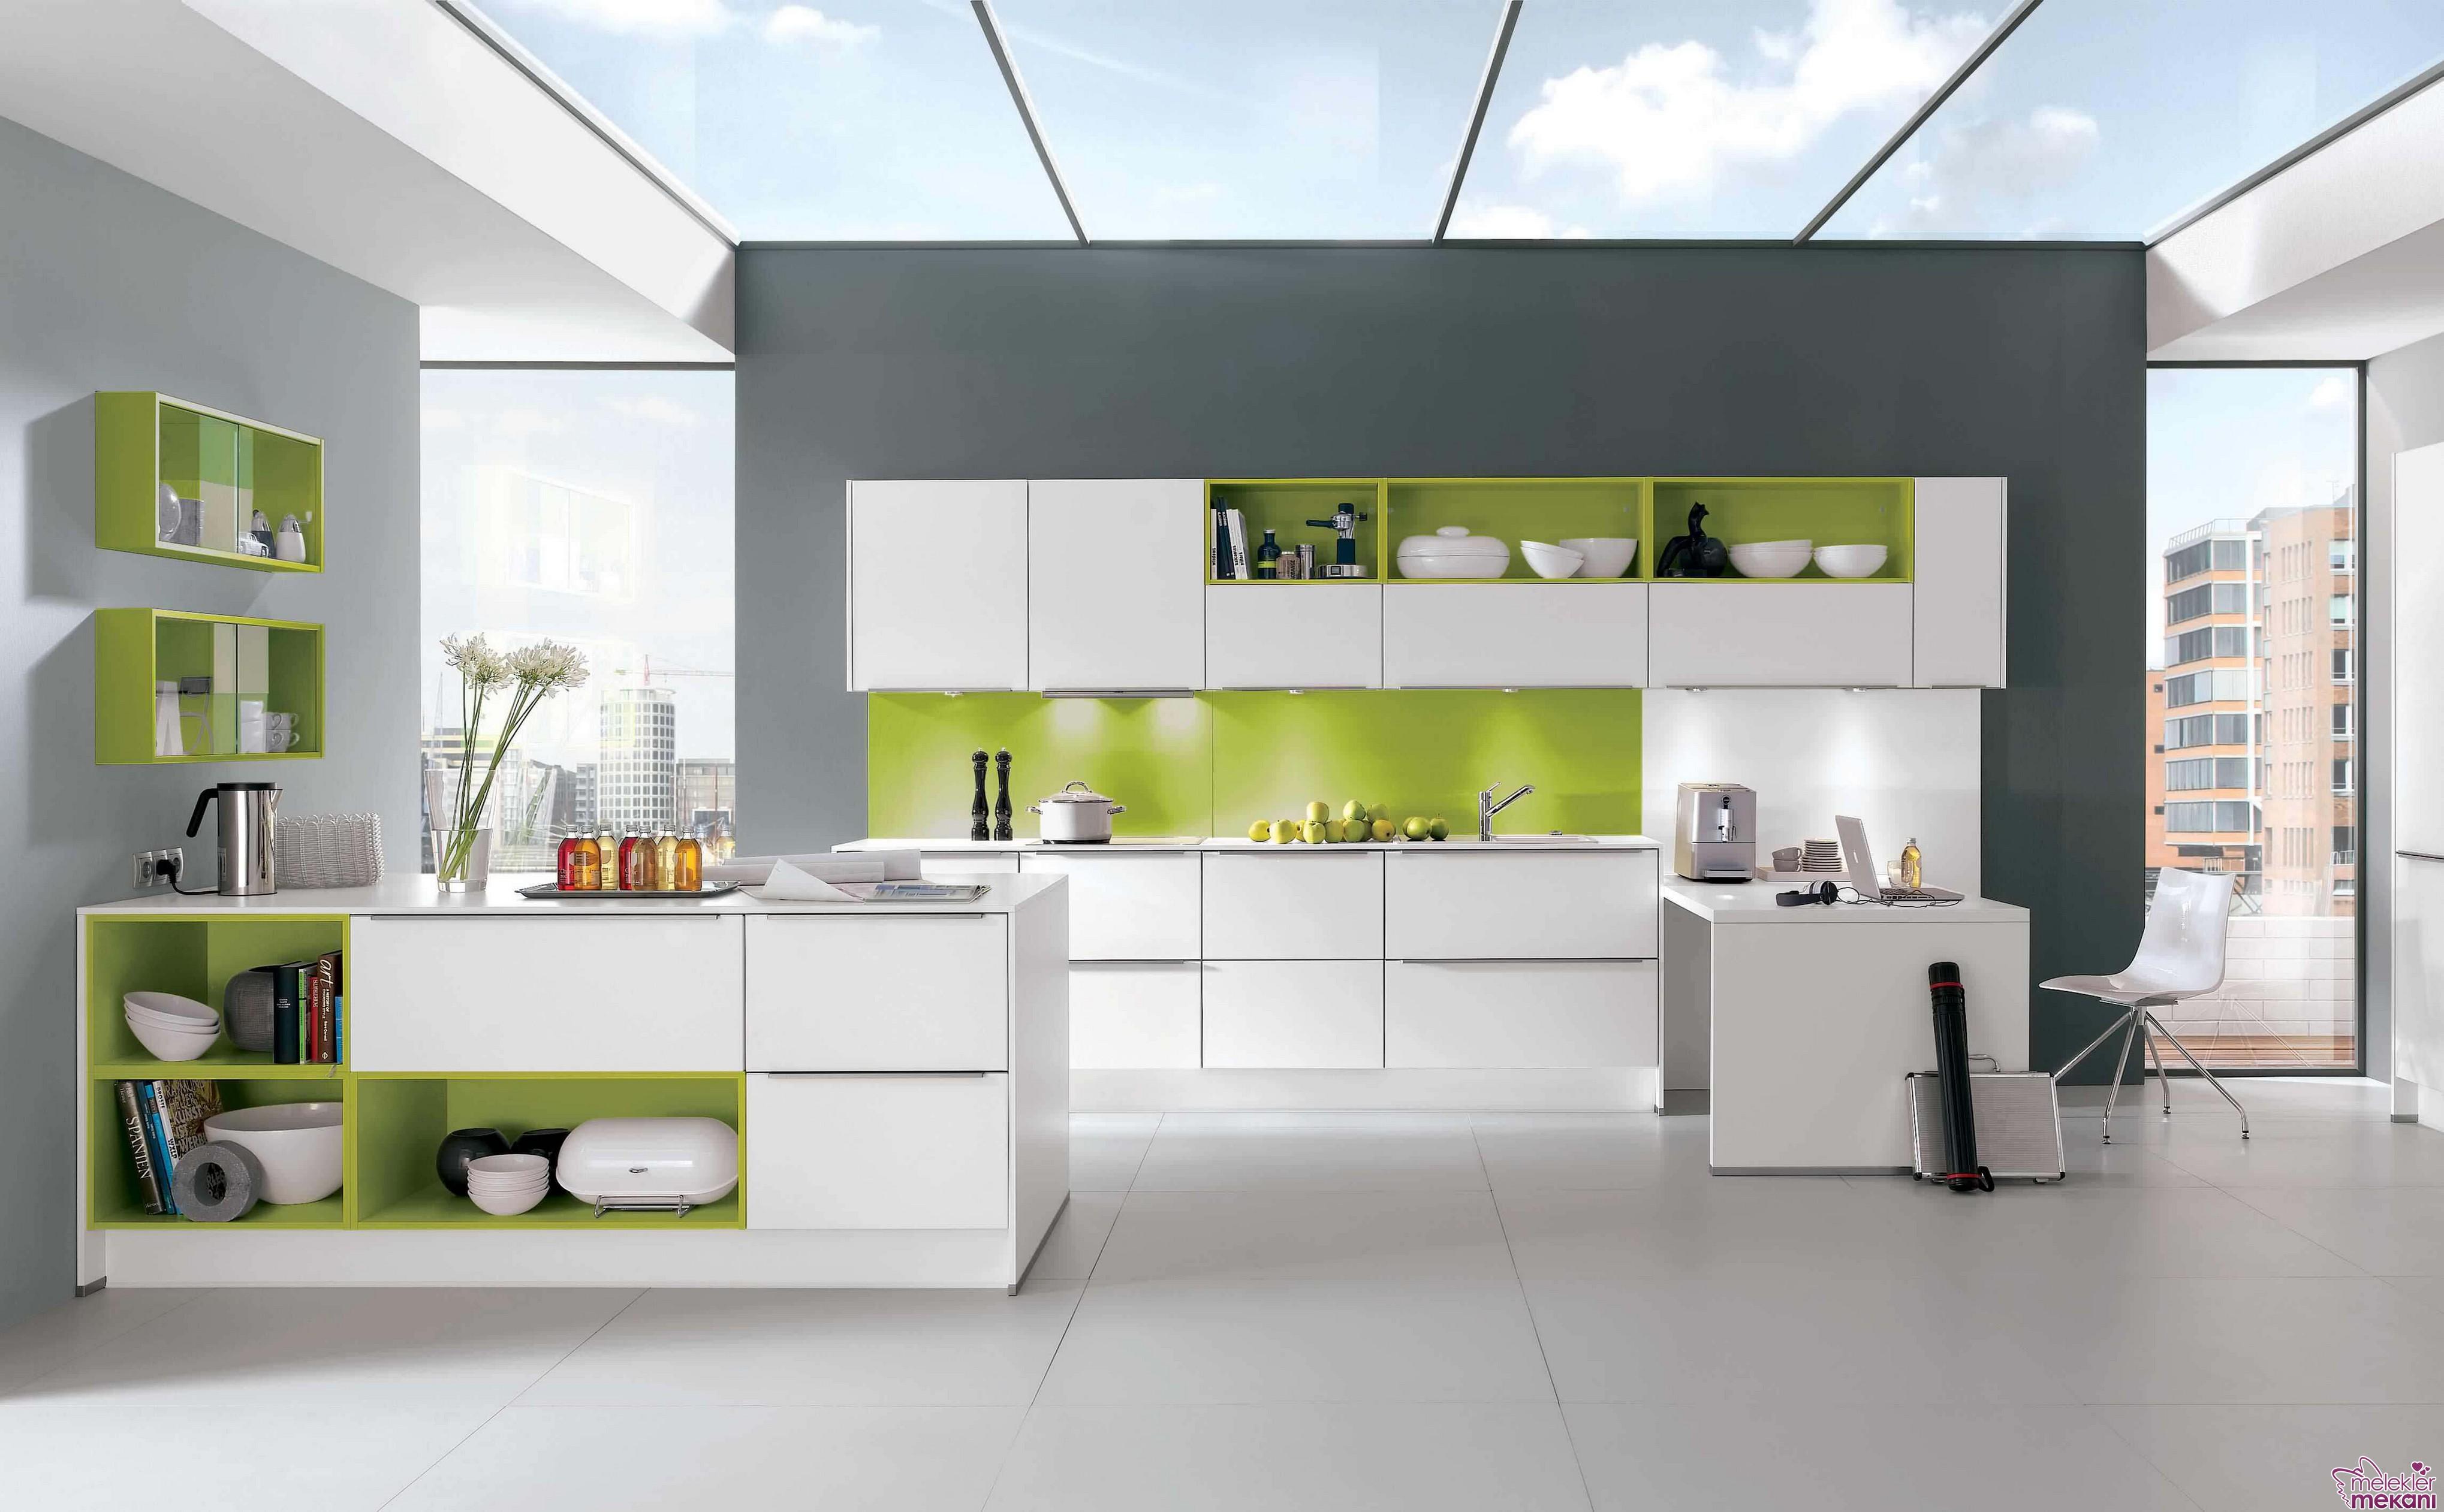 2016 mutfak dekor değişiminizde Kelebek Mobilya hazır mutfak modelleri koleksiyonlarından faydalanabilirsiniz.